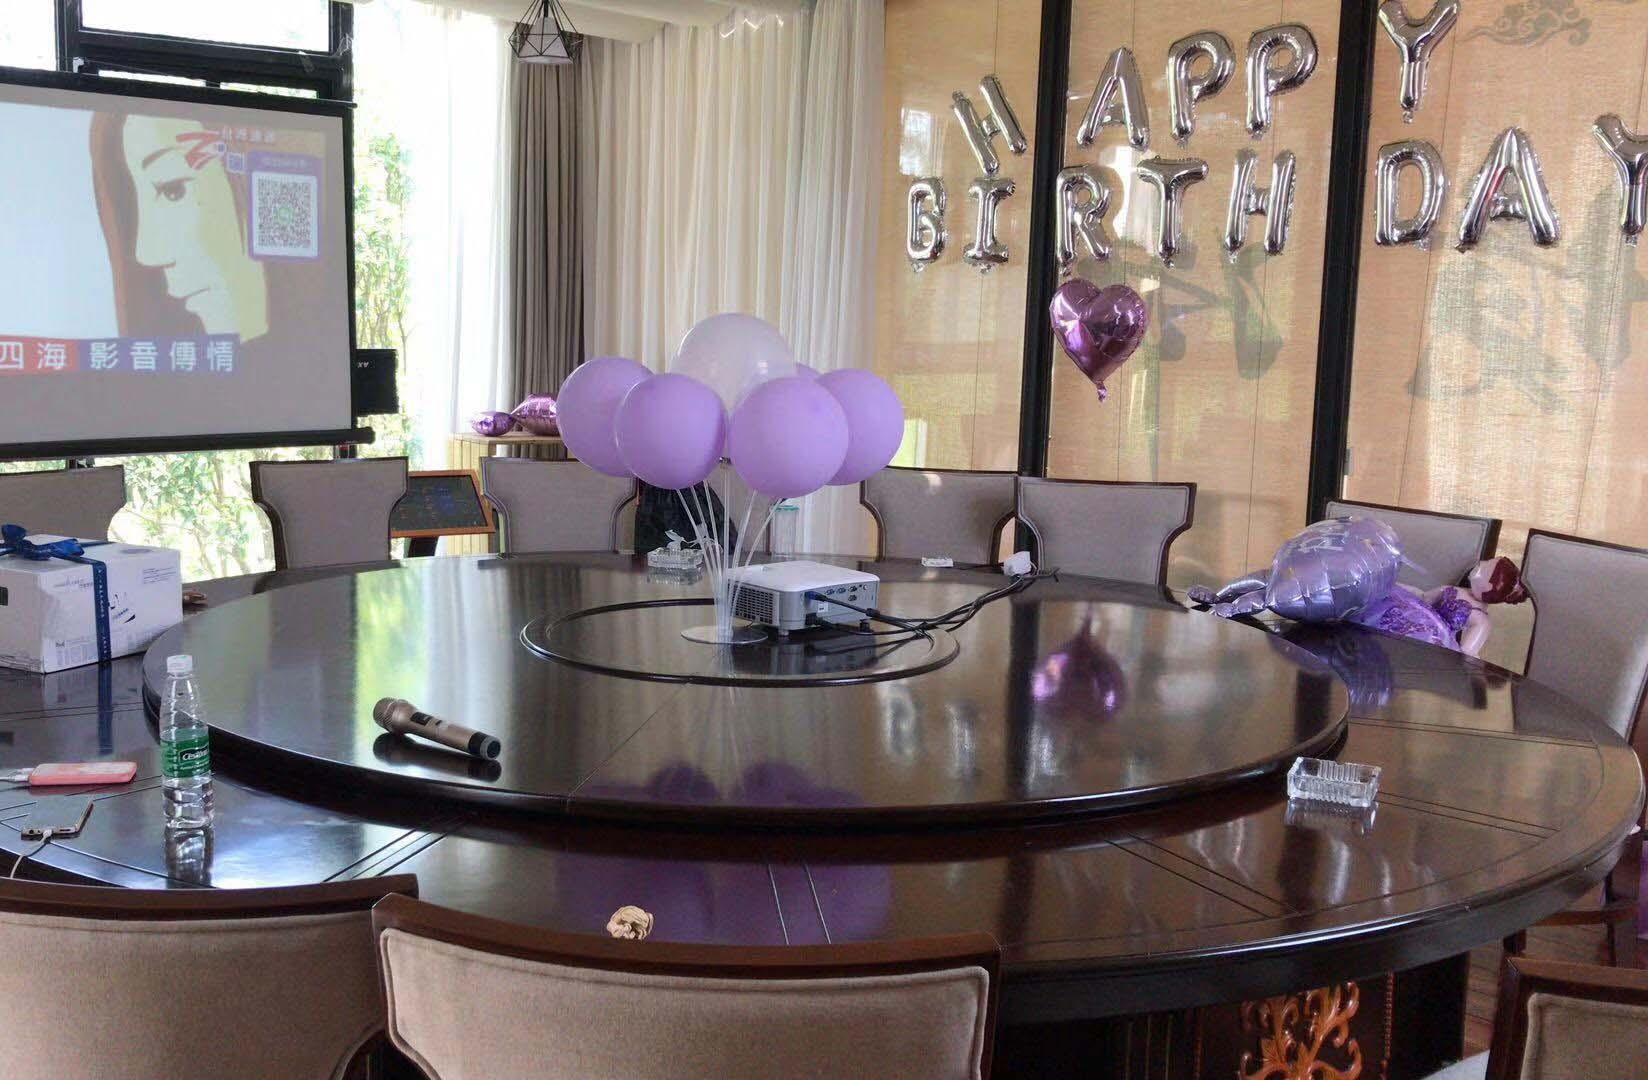 怎么进行成都生日派对策划以及布置让大家都玩得开心